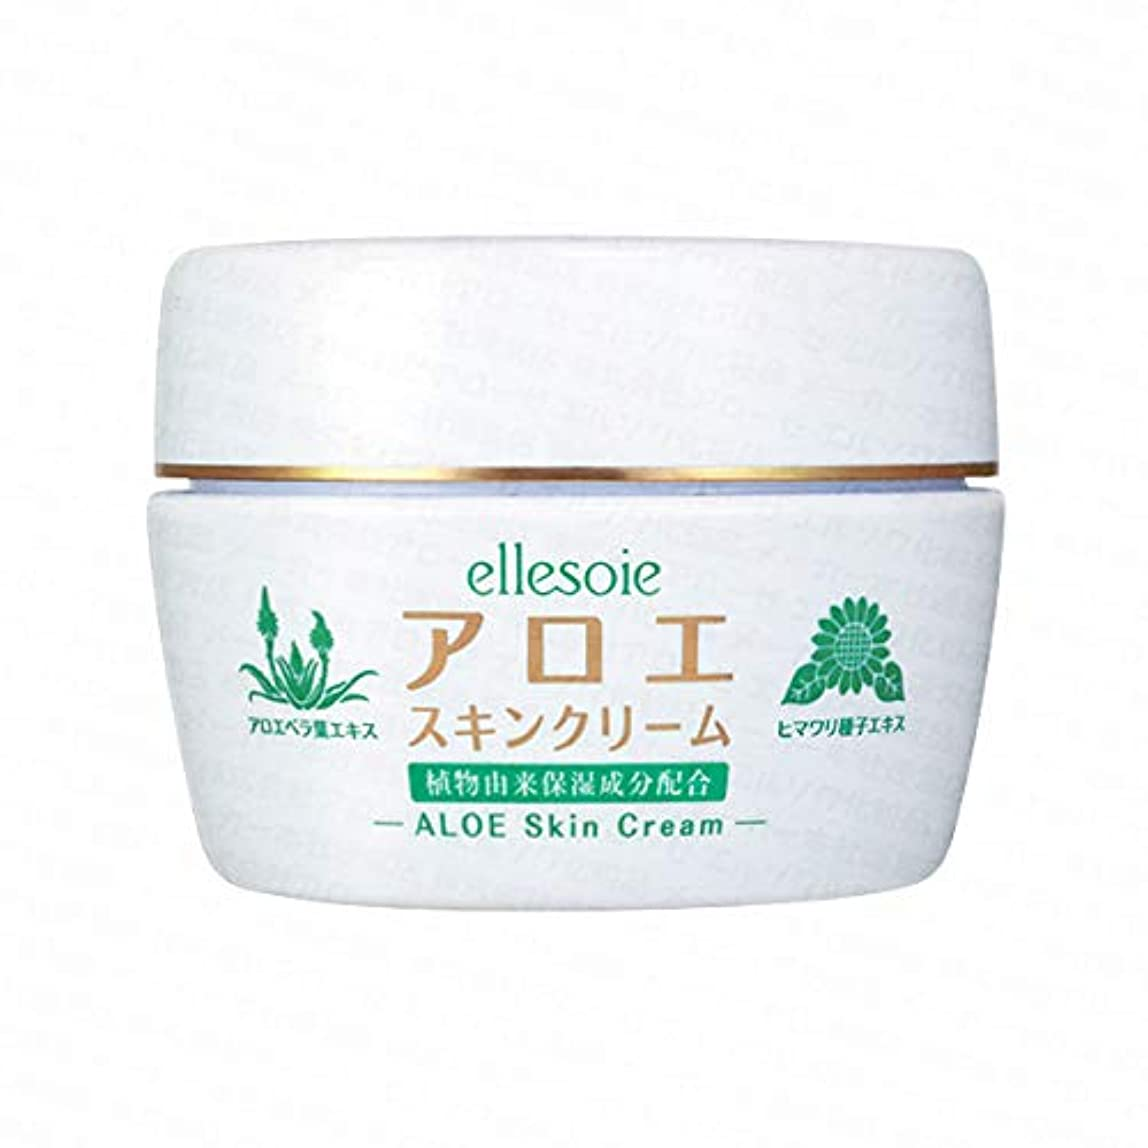 交渉する人気の確率エルソワ化粧品(ellesoie) アロエスキンクリーム 本体210g ボディ用保湿クリーム